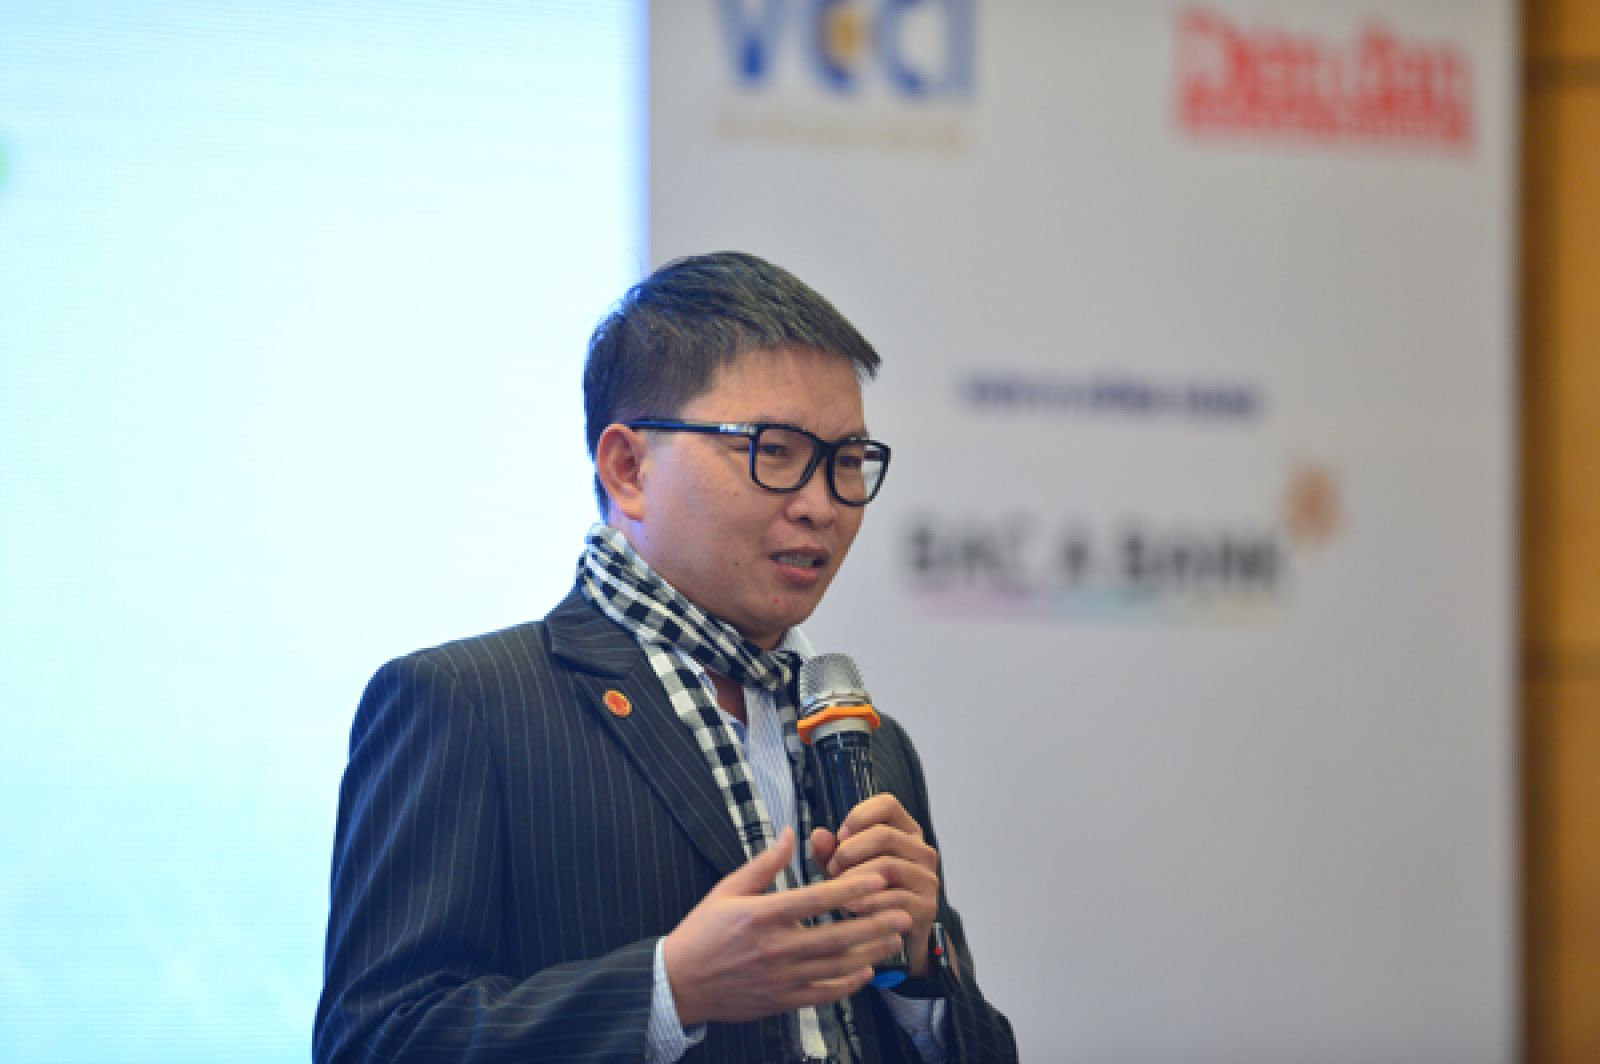 Ông Nguyễn Tiến Trung -Giám đốc CTCP Đầu tư và Tư vấn Khởi nghiệp (NSCI), Trưởng làng Cộng đồng Techfest, Cố vấn Chương trình Khởi nghiệp Quốc gia